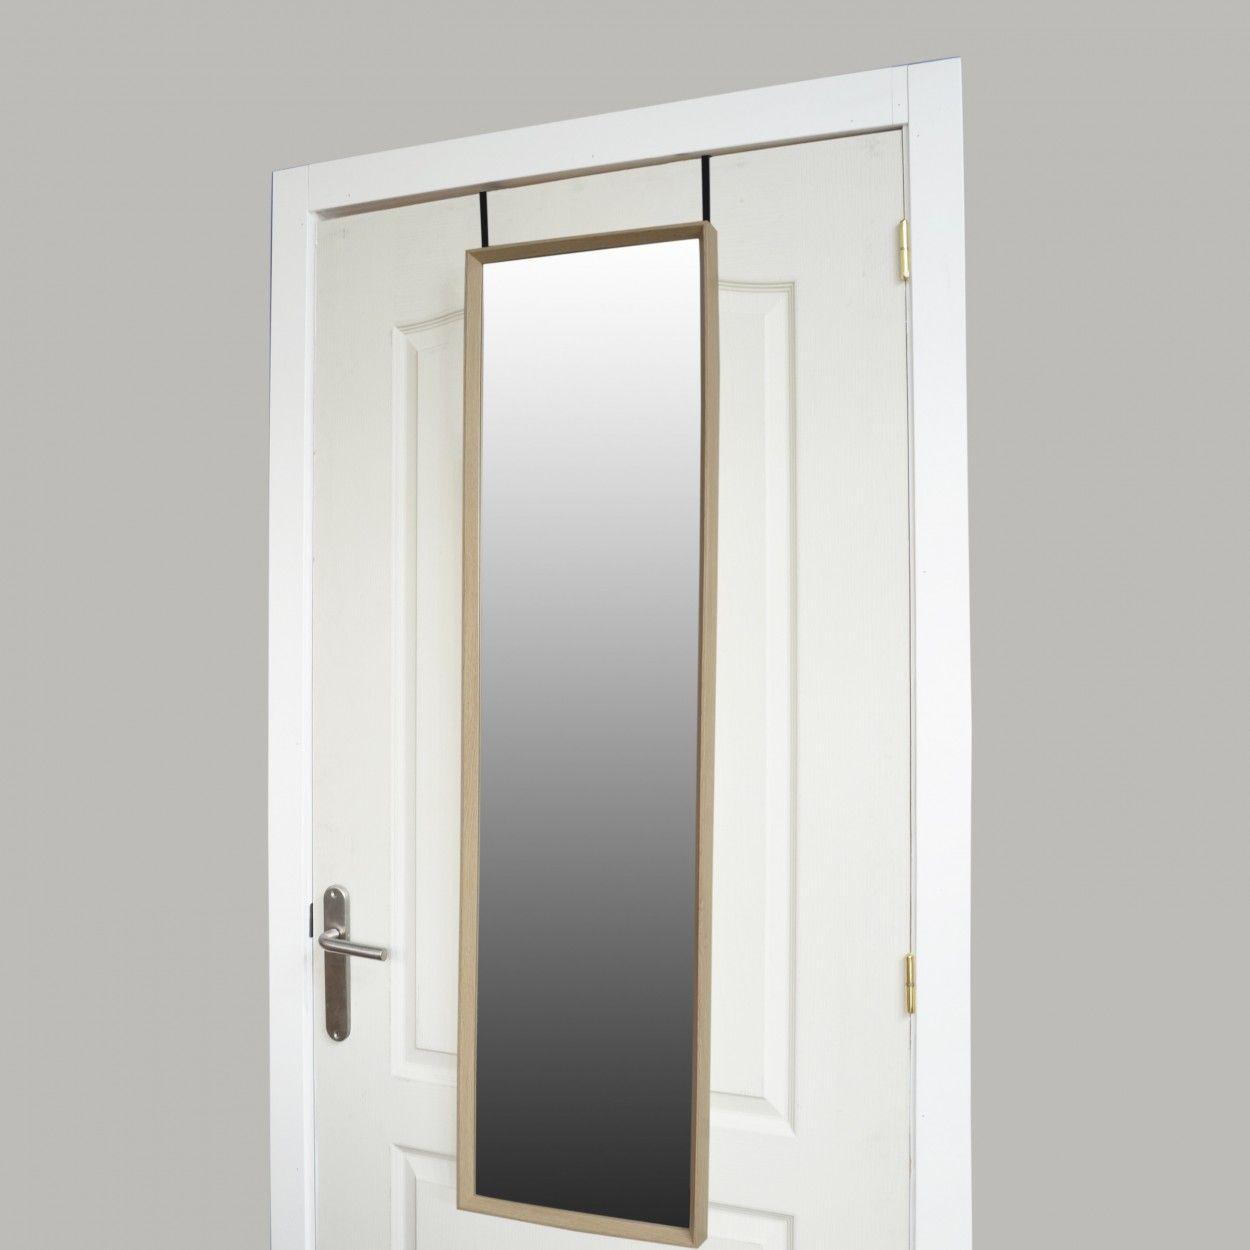 espejo para puerta de dormitorio bassic hogar y m s